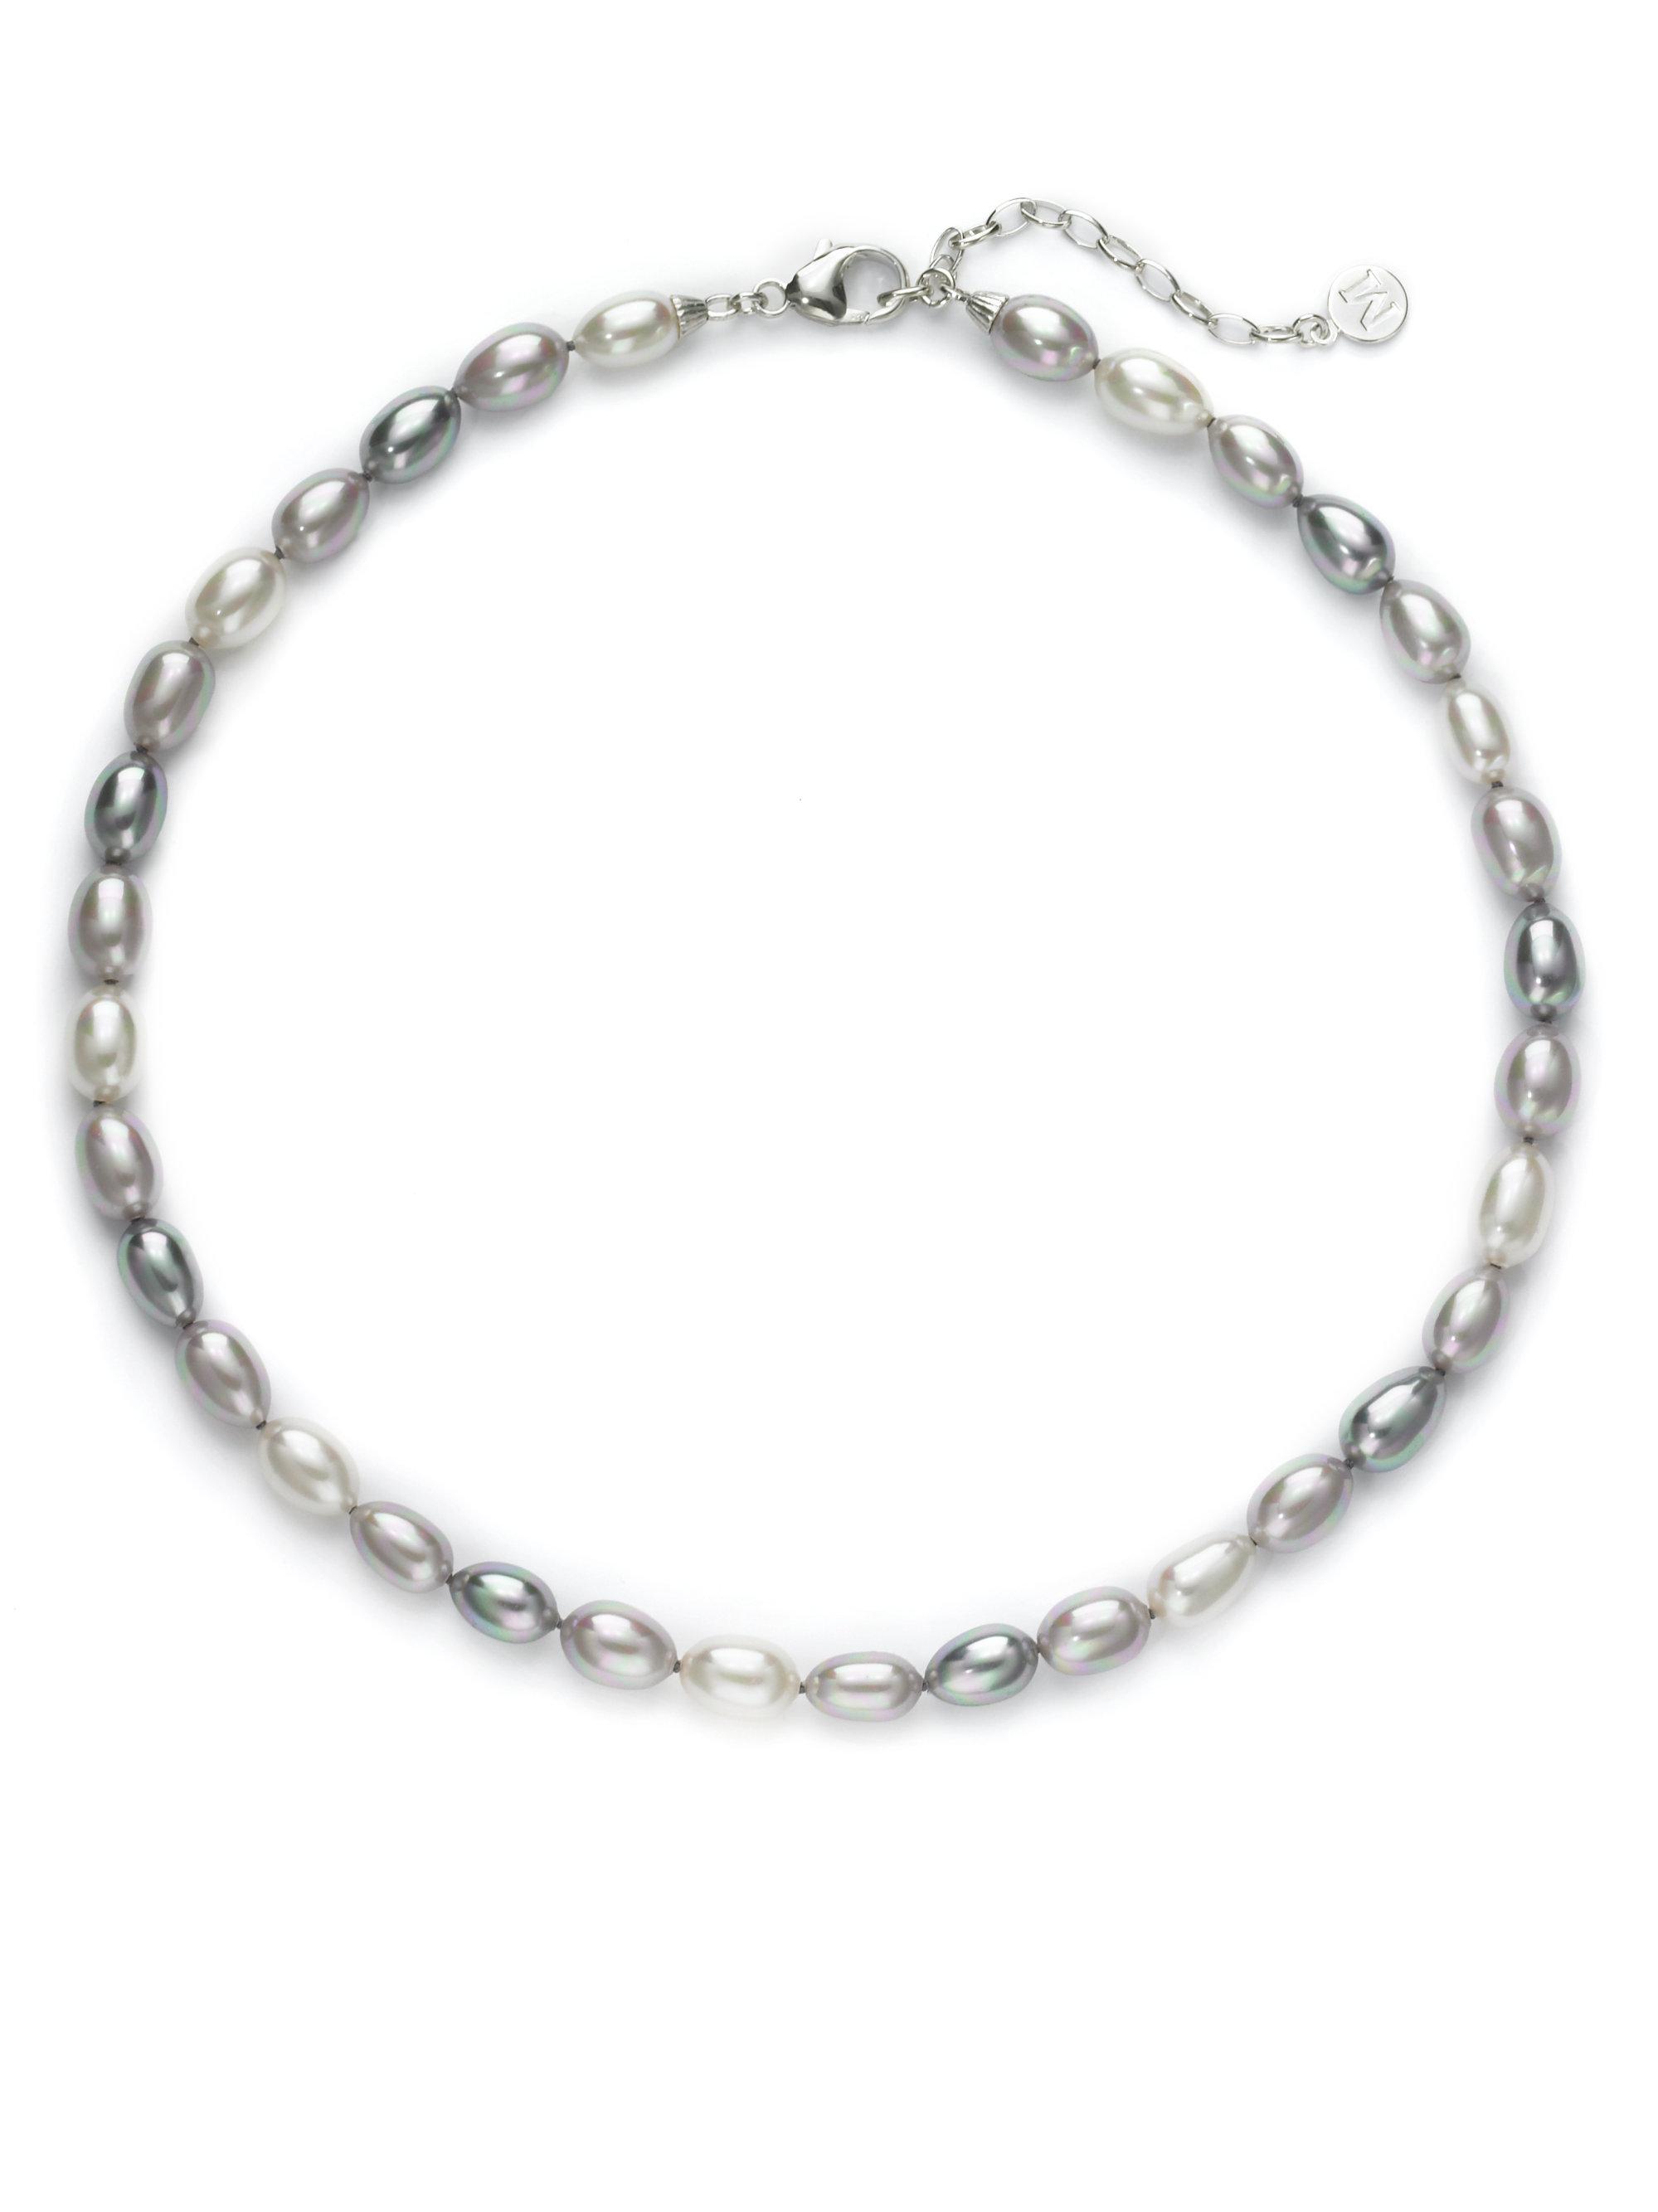 Majorica White, Gray & Nuage Pearl Necklace, 35